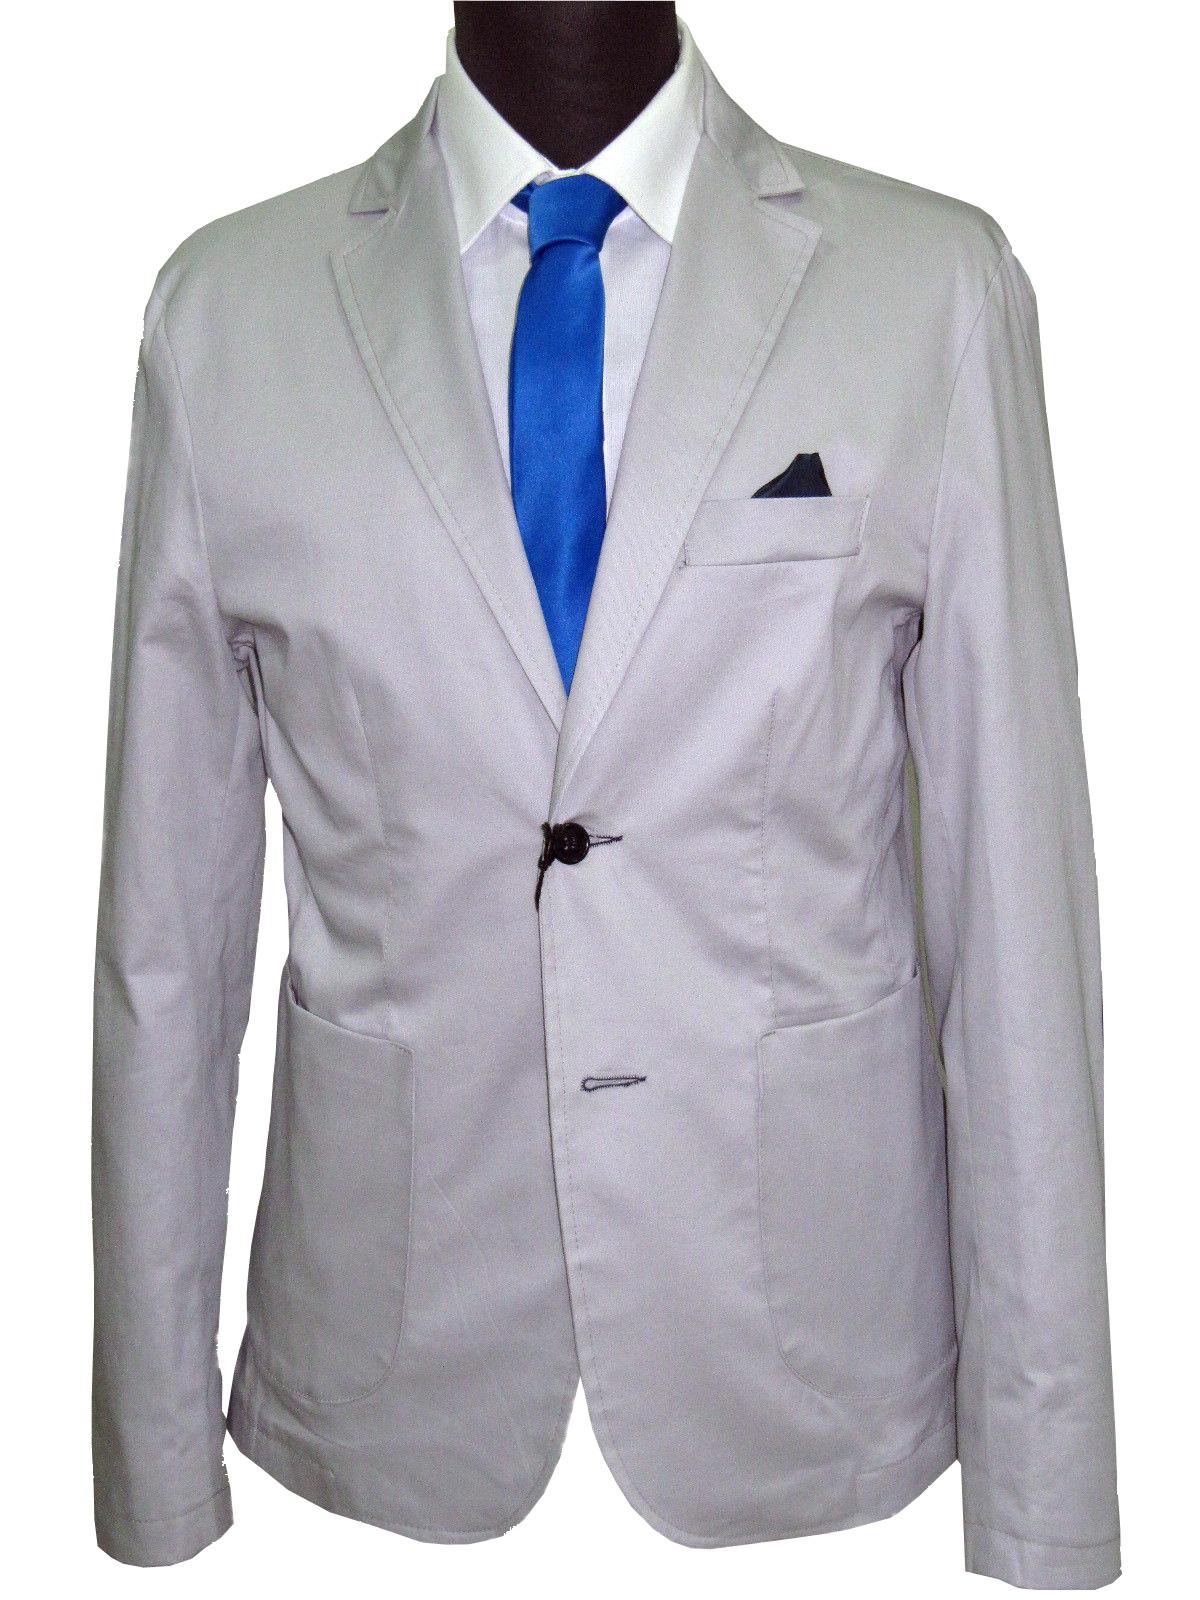 8744b093ded0b9 giacca uomo slim sartoriale con toppe cotone stretch made in italy  decostruita